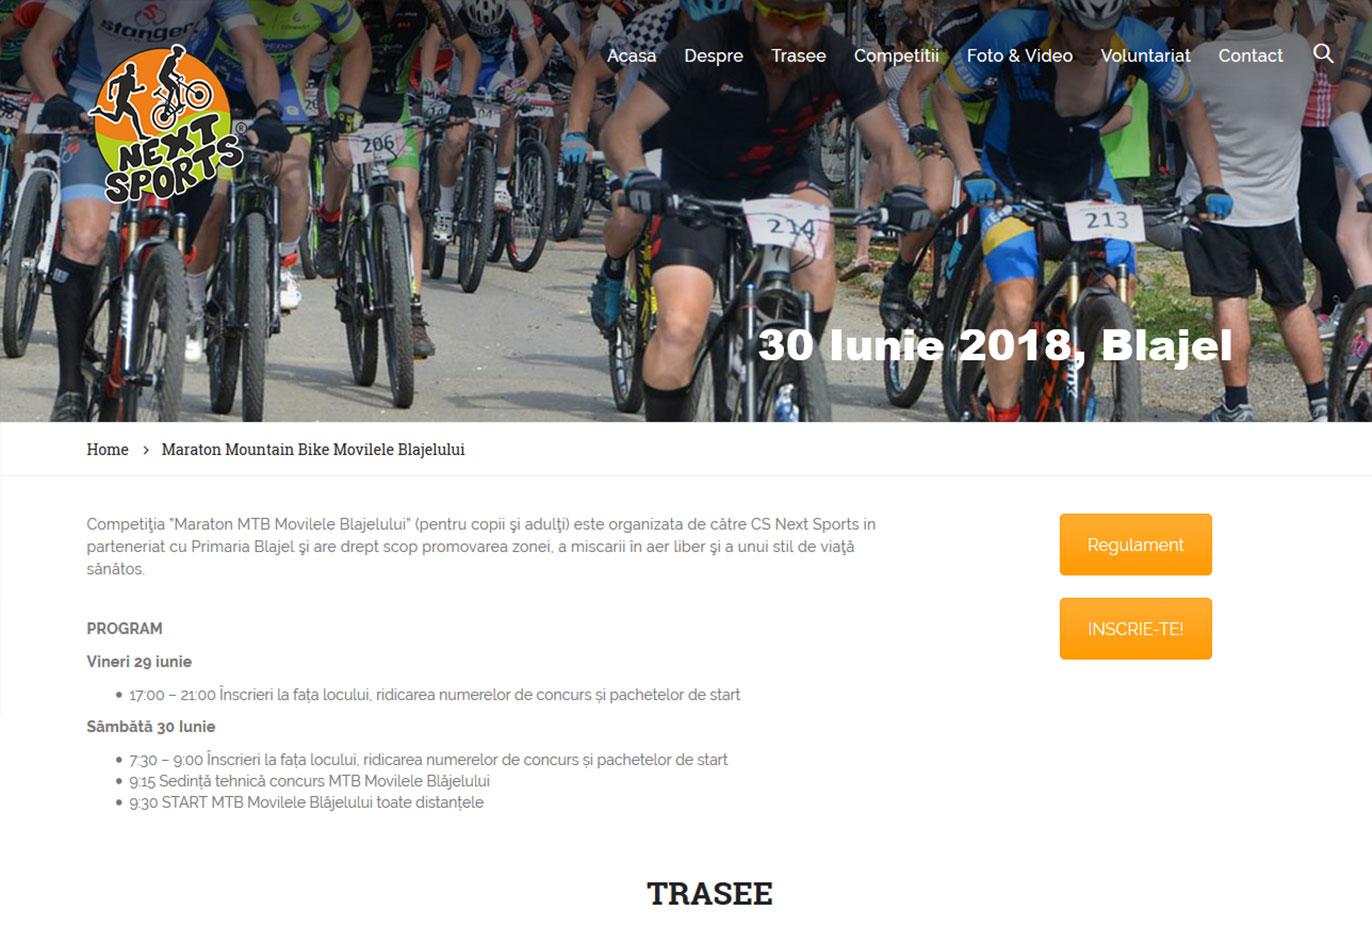 Maratonul MTB Blajel – 30 Iunie 2018